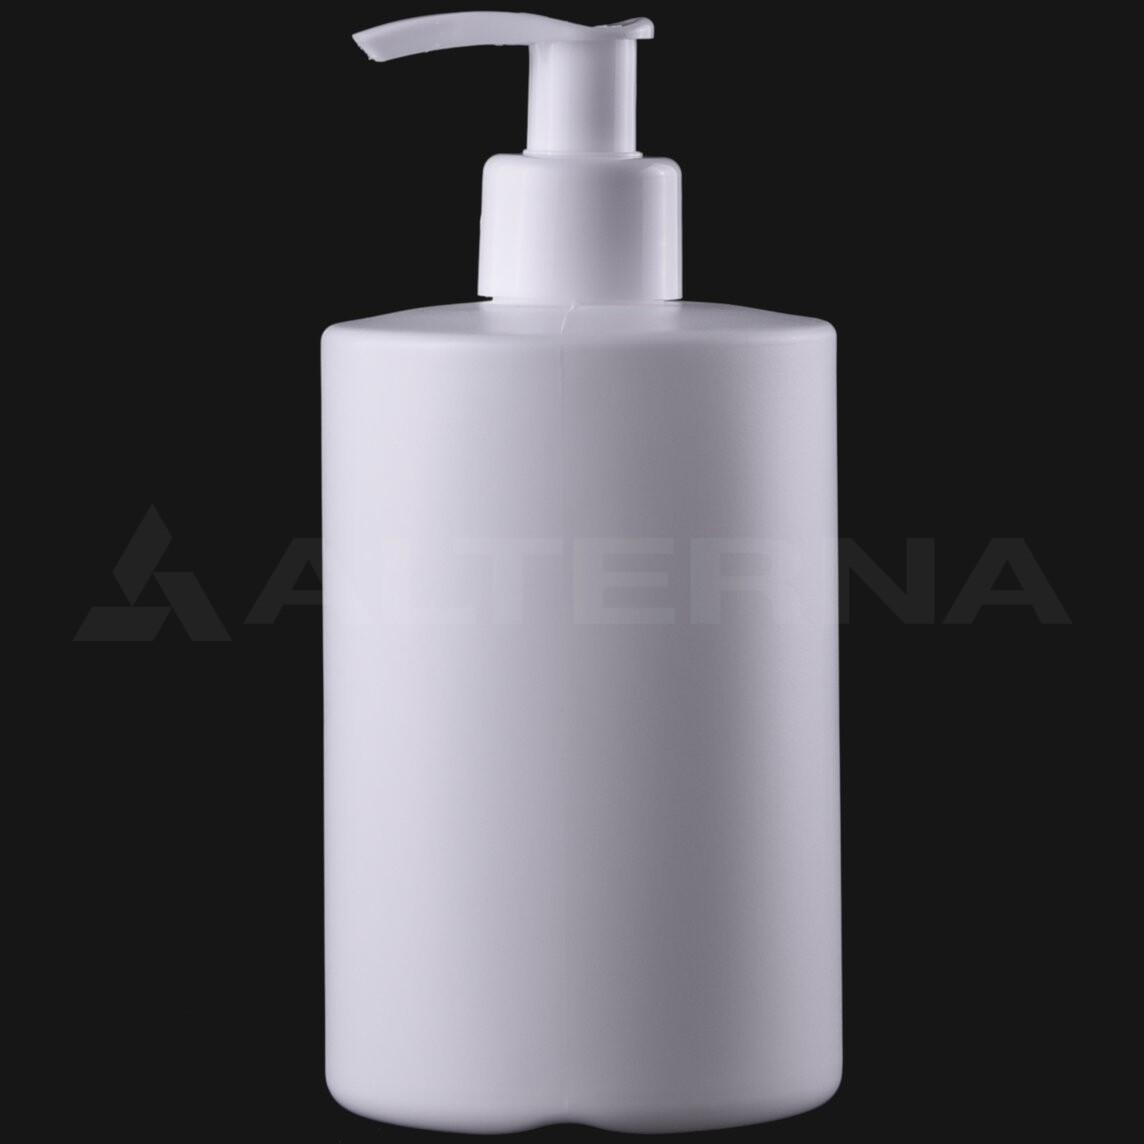 300 ml HDPE Bottle with 24 mm Pump Dispenser